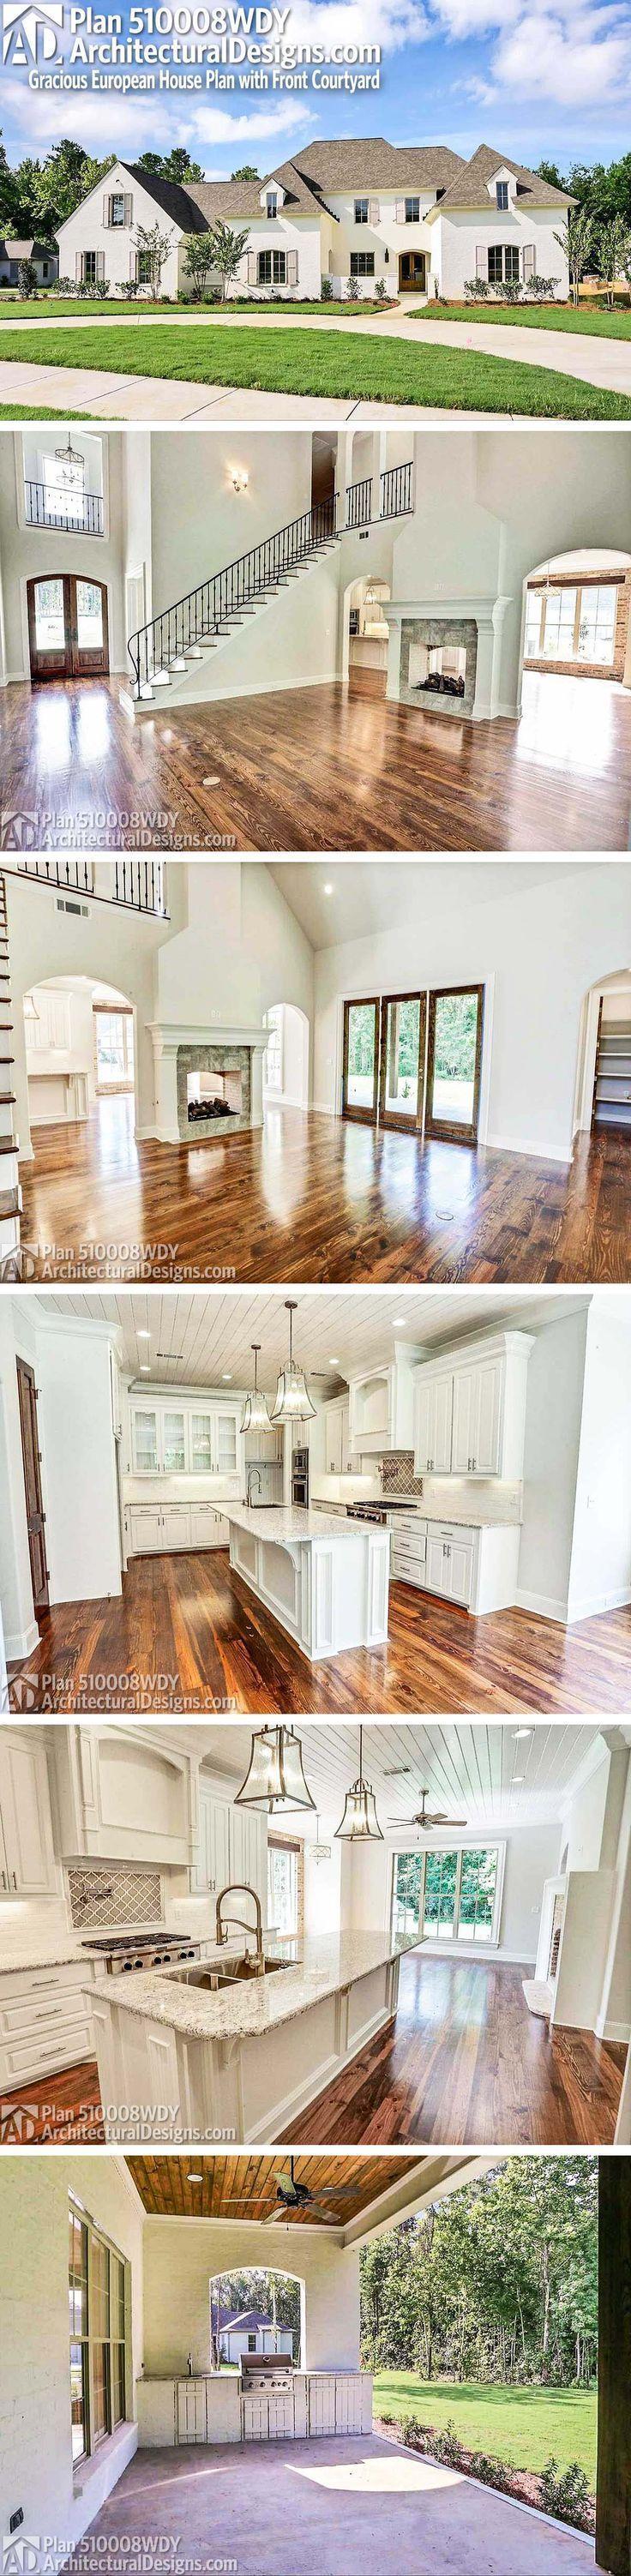 Architektonische Entwürfe Southern House Plan 510006WDY. Es hat Veranden vorne und hinten mit einer Außenküche bedeckt. 5 Betten und über 3.600 Qu…